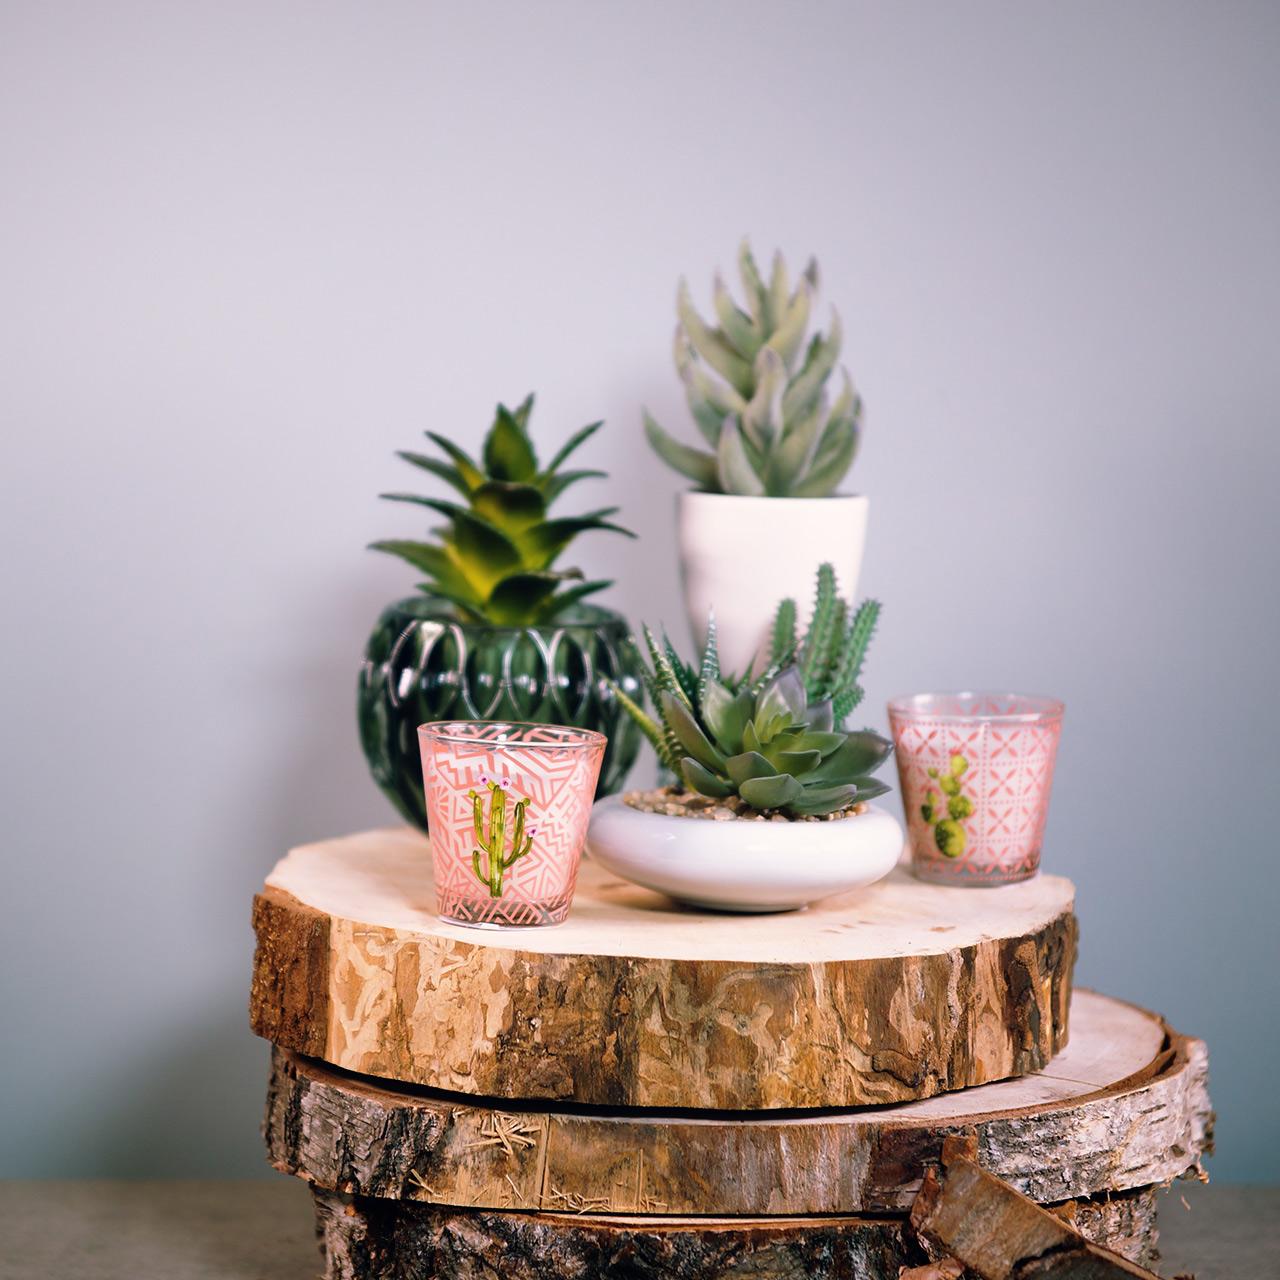 Wax kaars in glazen cactus Ø6.5cm 2st